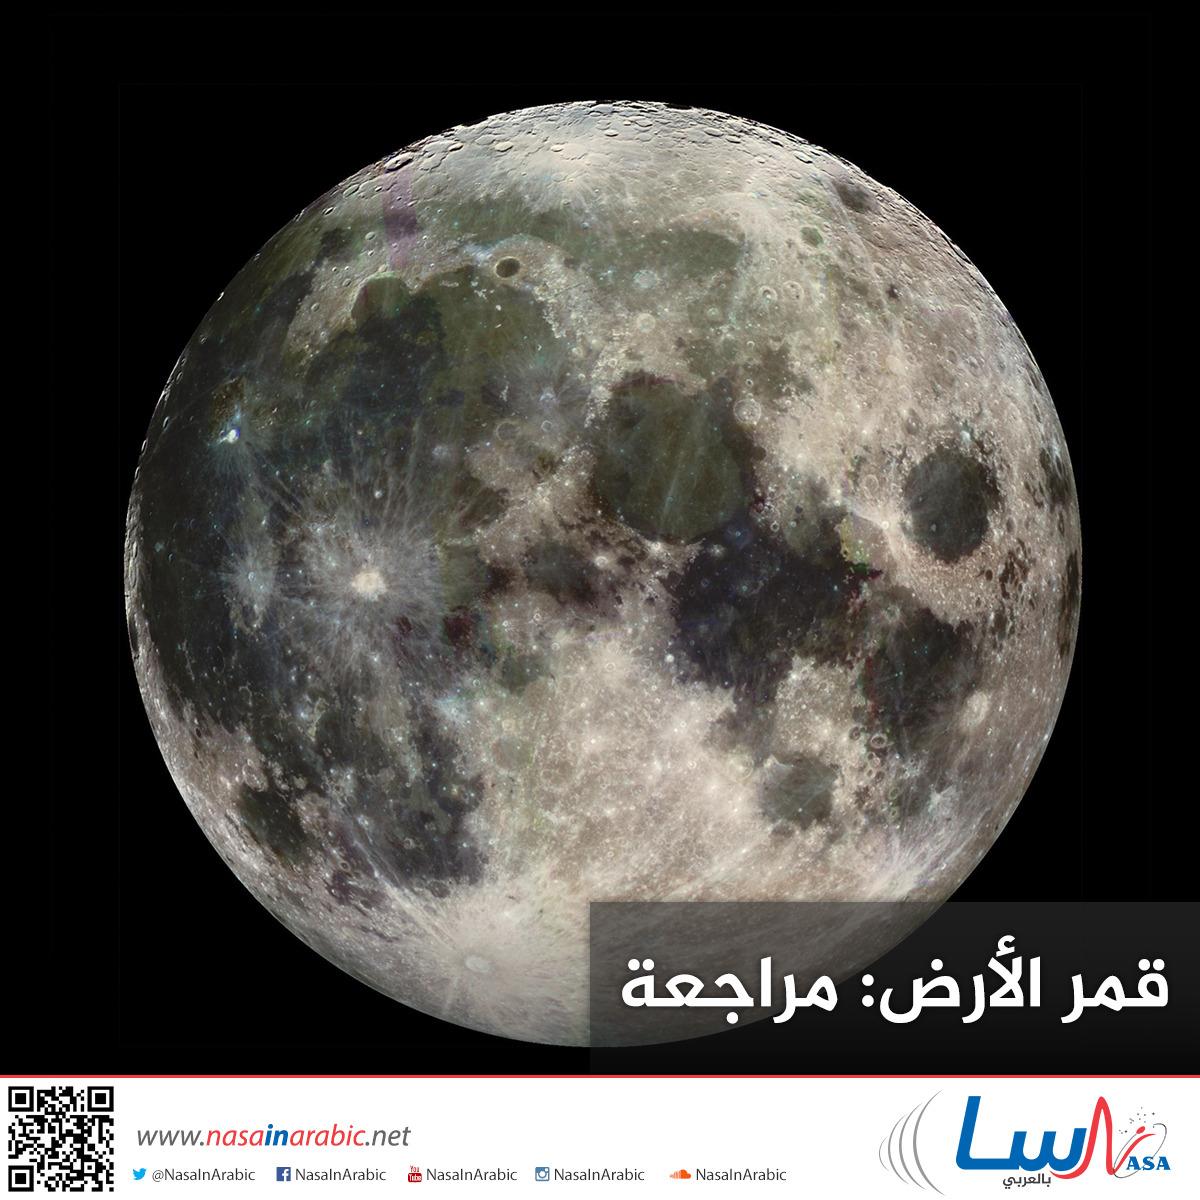 قمر الأرض: مراجعة